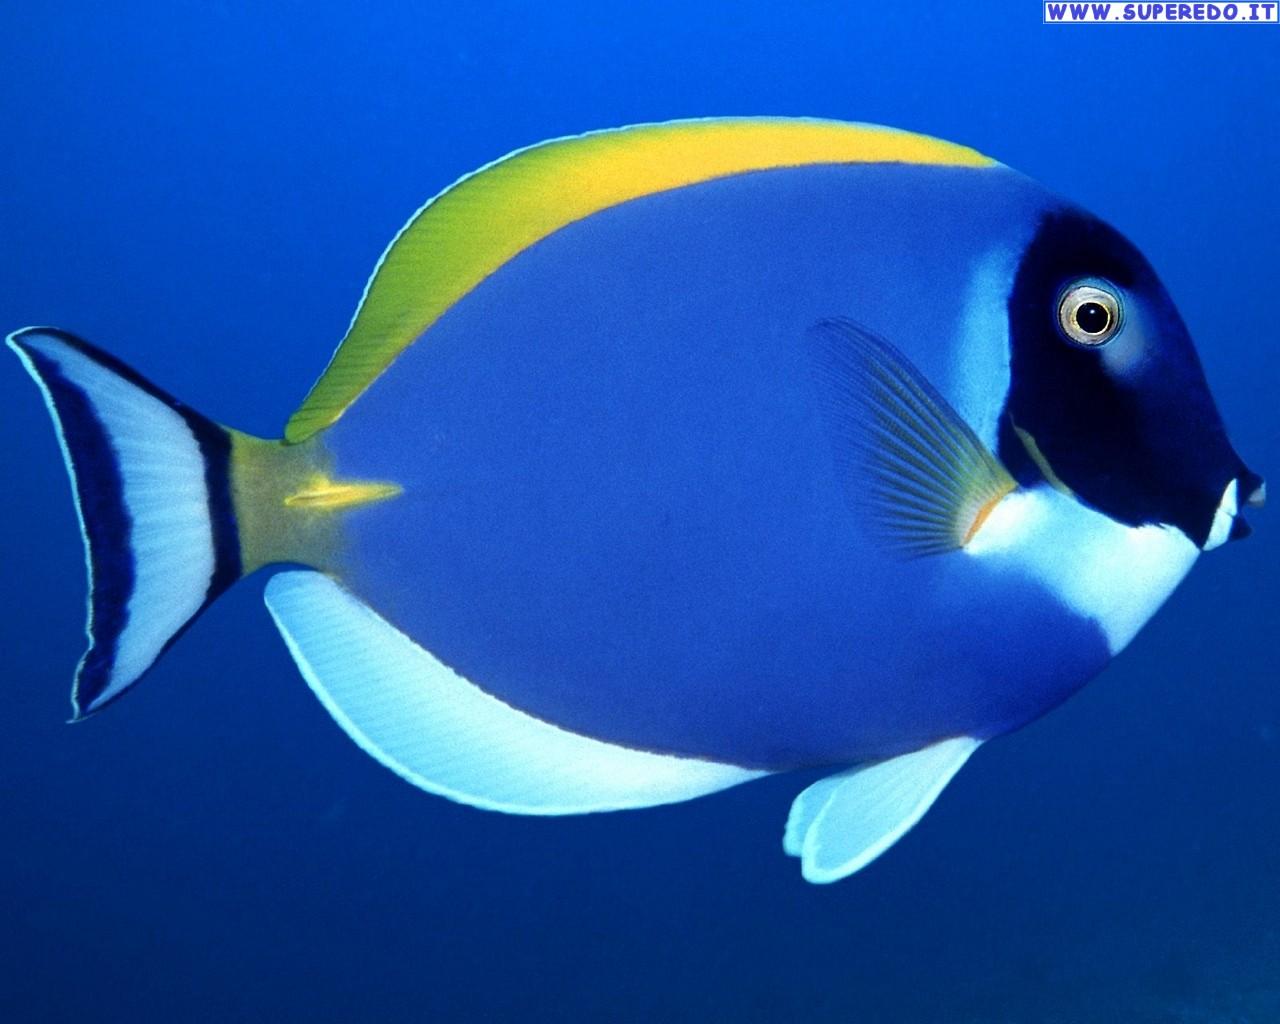 Secondo un nuovo studio, i pesci riescono a riconoscere il volto umano